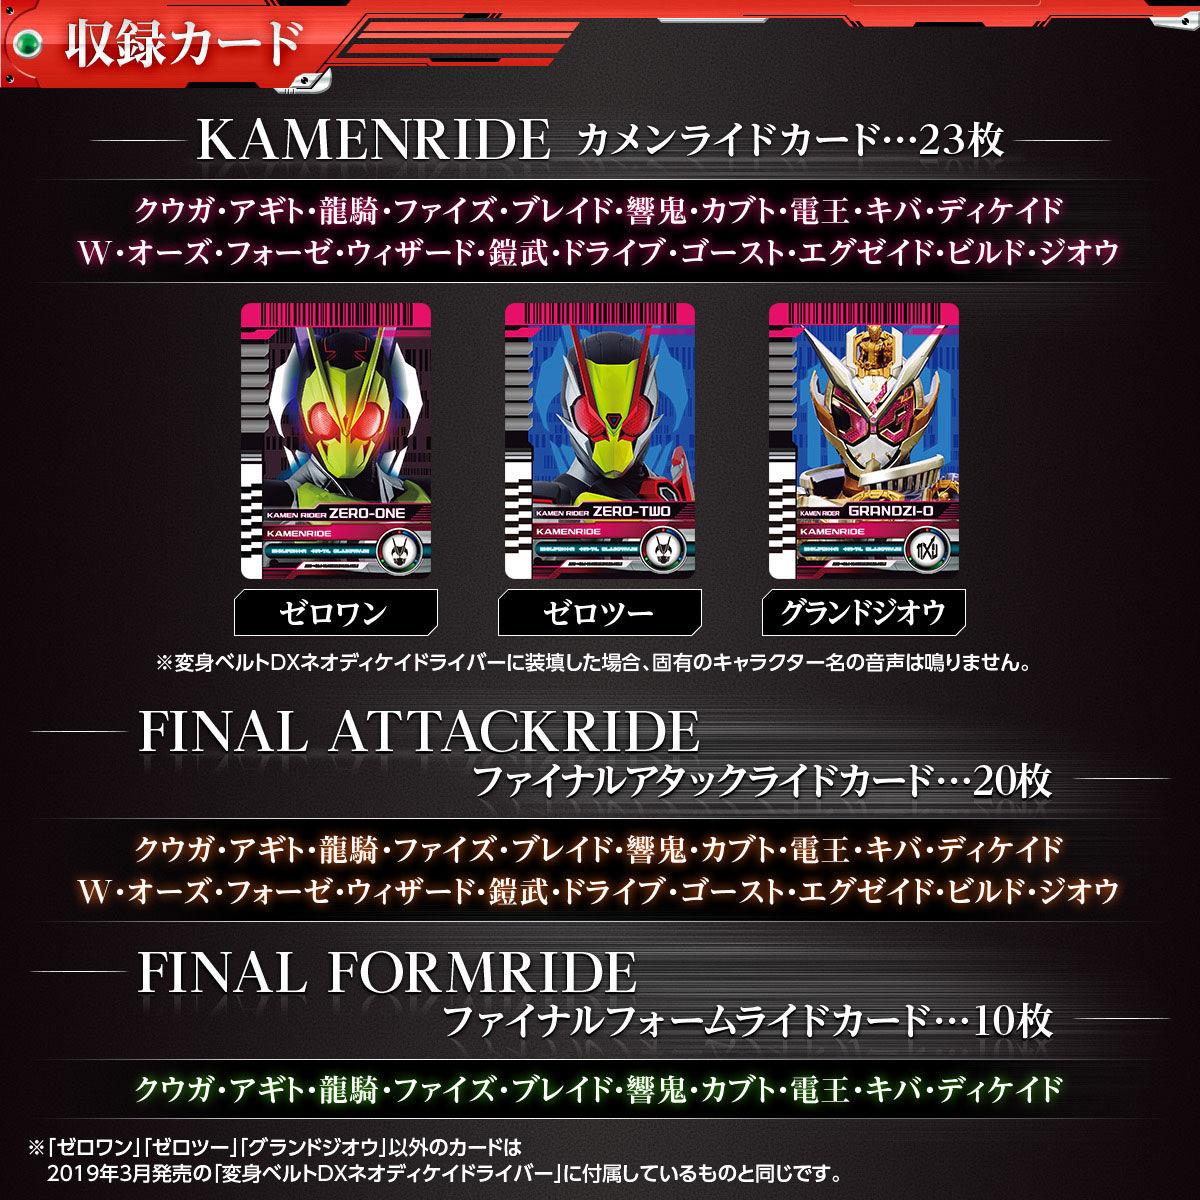 【限定販売】仮面ライダージオウ『DXネオディケイドライバー&ケータッチ21』変身ベルト-004